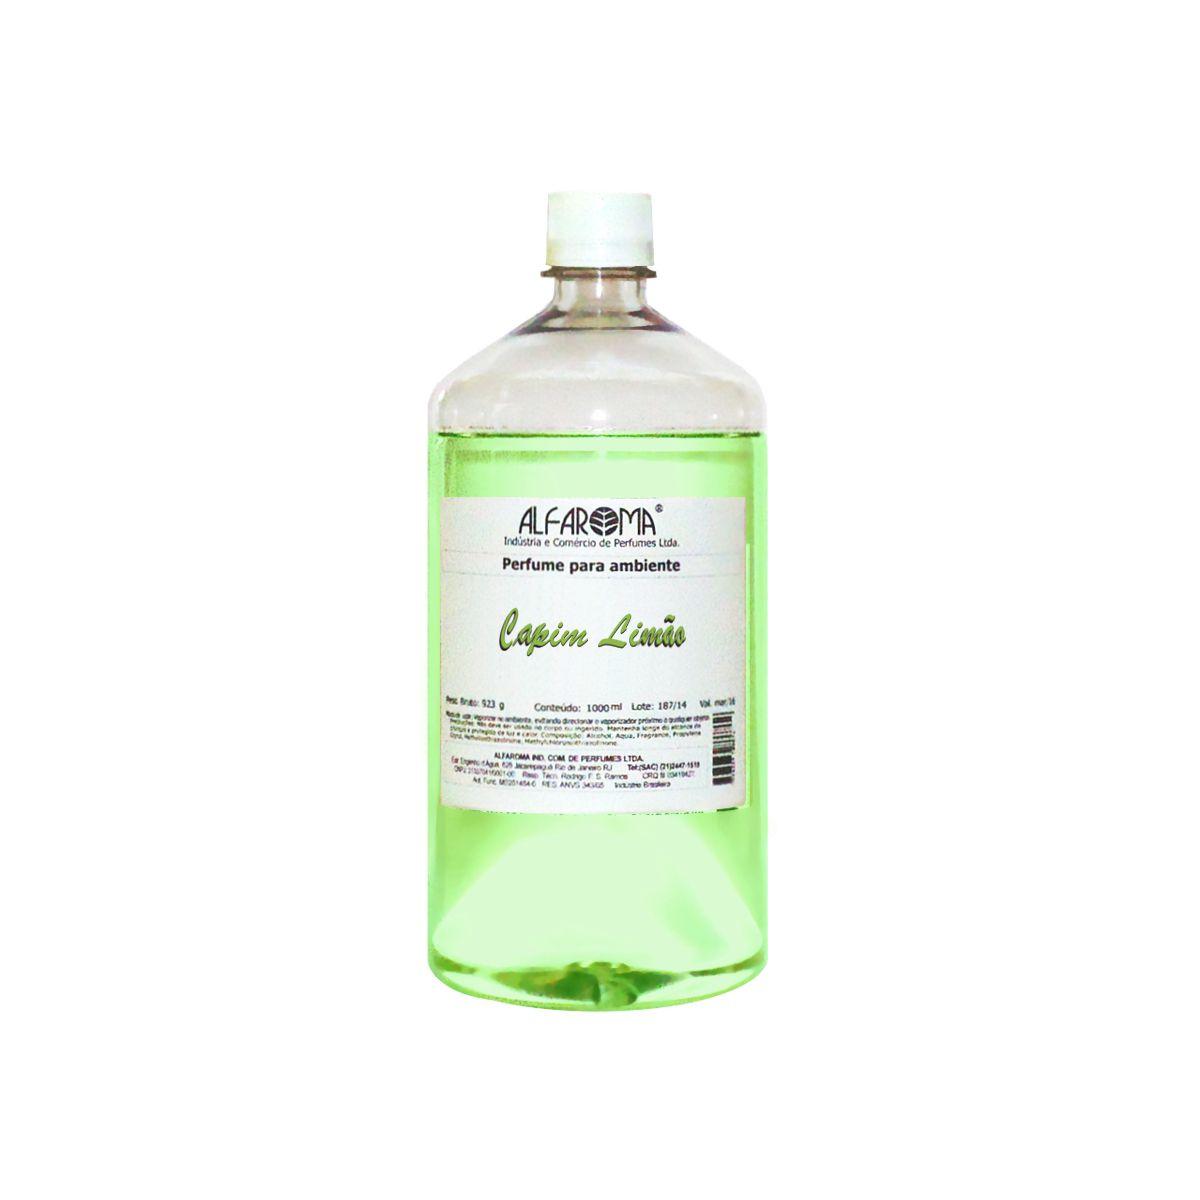 Perfume para ambiente Capim Limão - Alfaroma